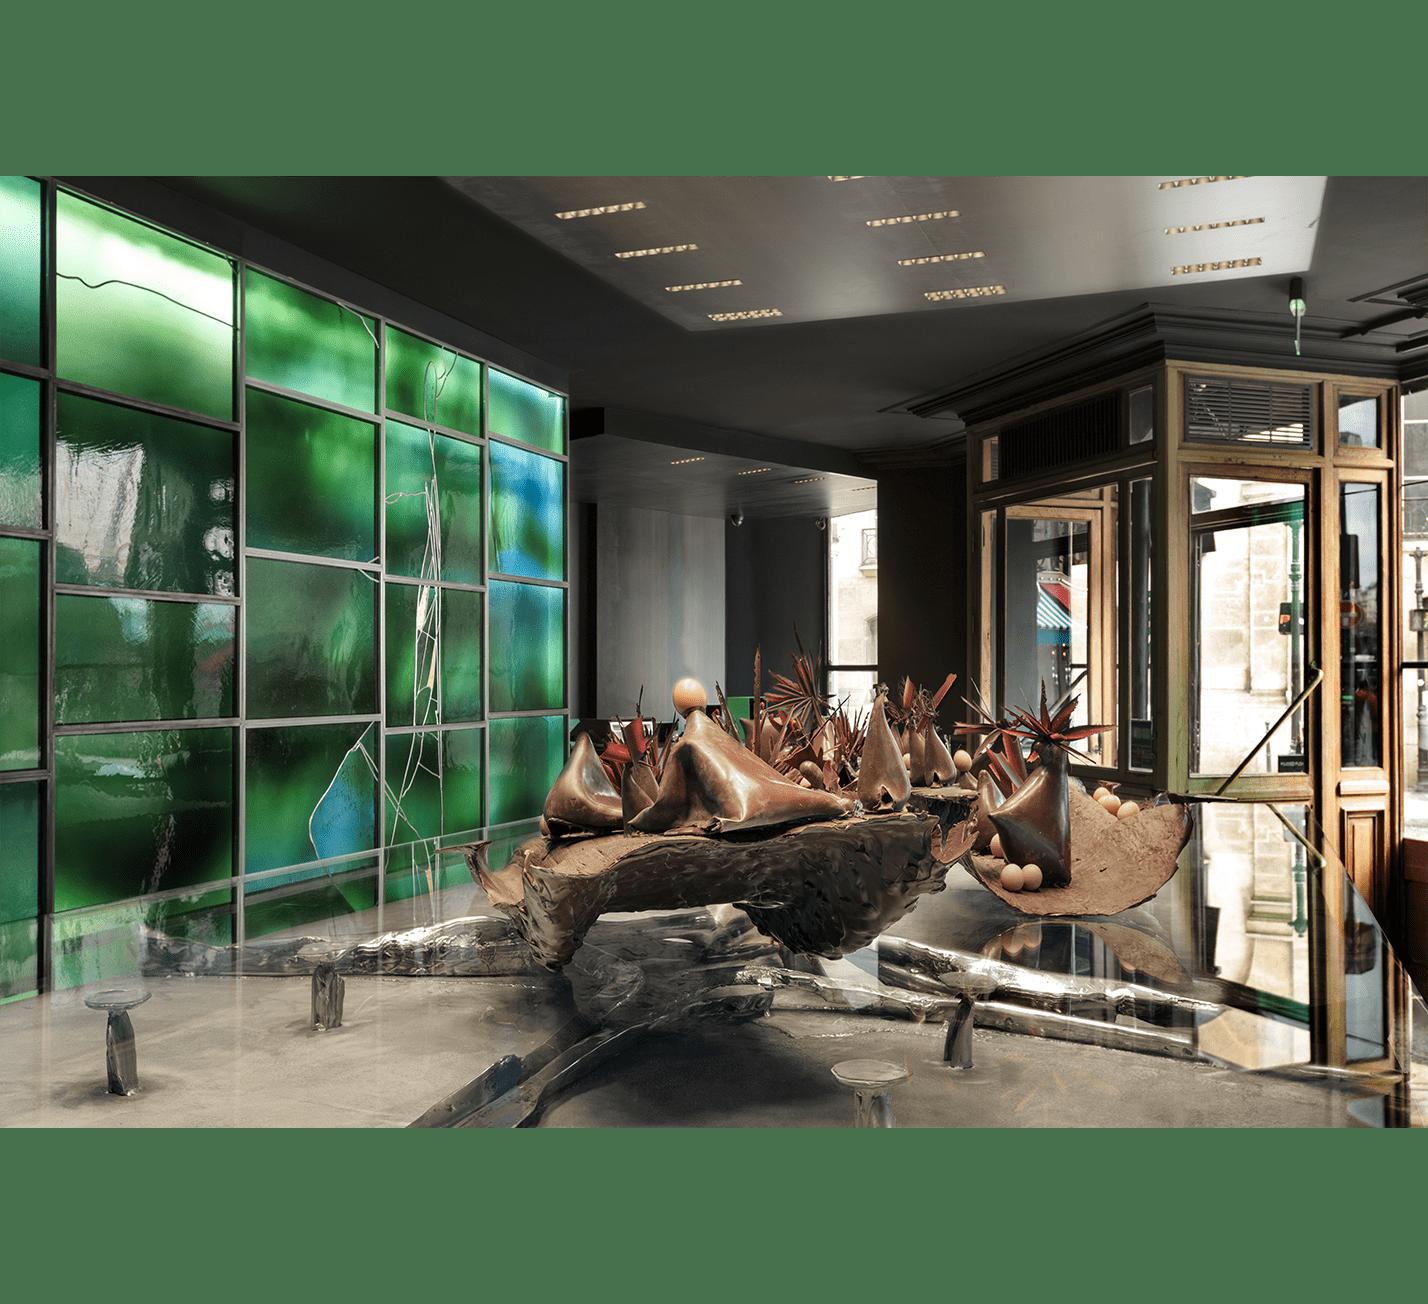 Projet-Patrick-Roger-Atelier-Steve-Pauline-Borgia-Architecture-interieur-04-min